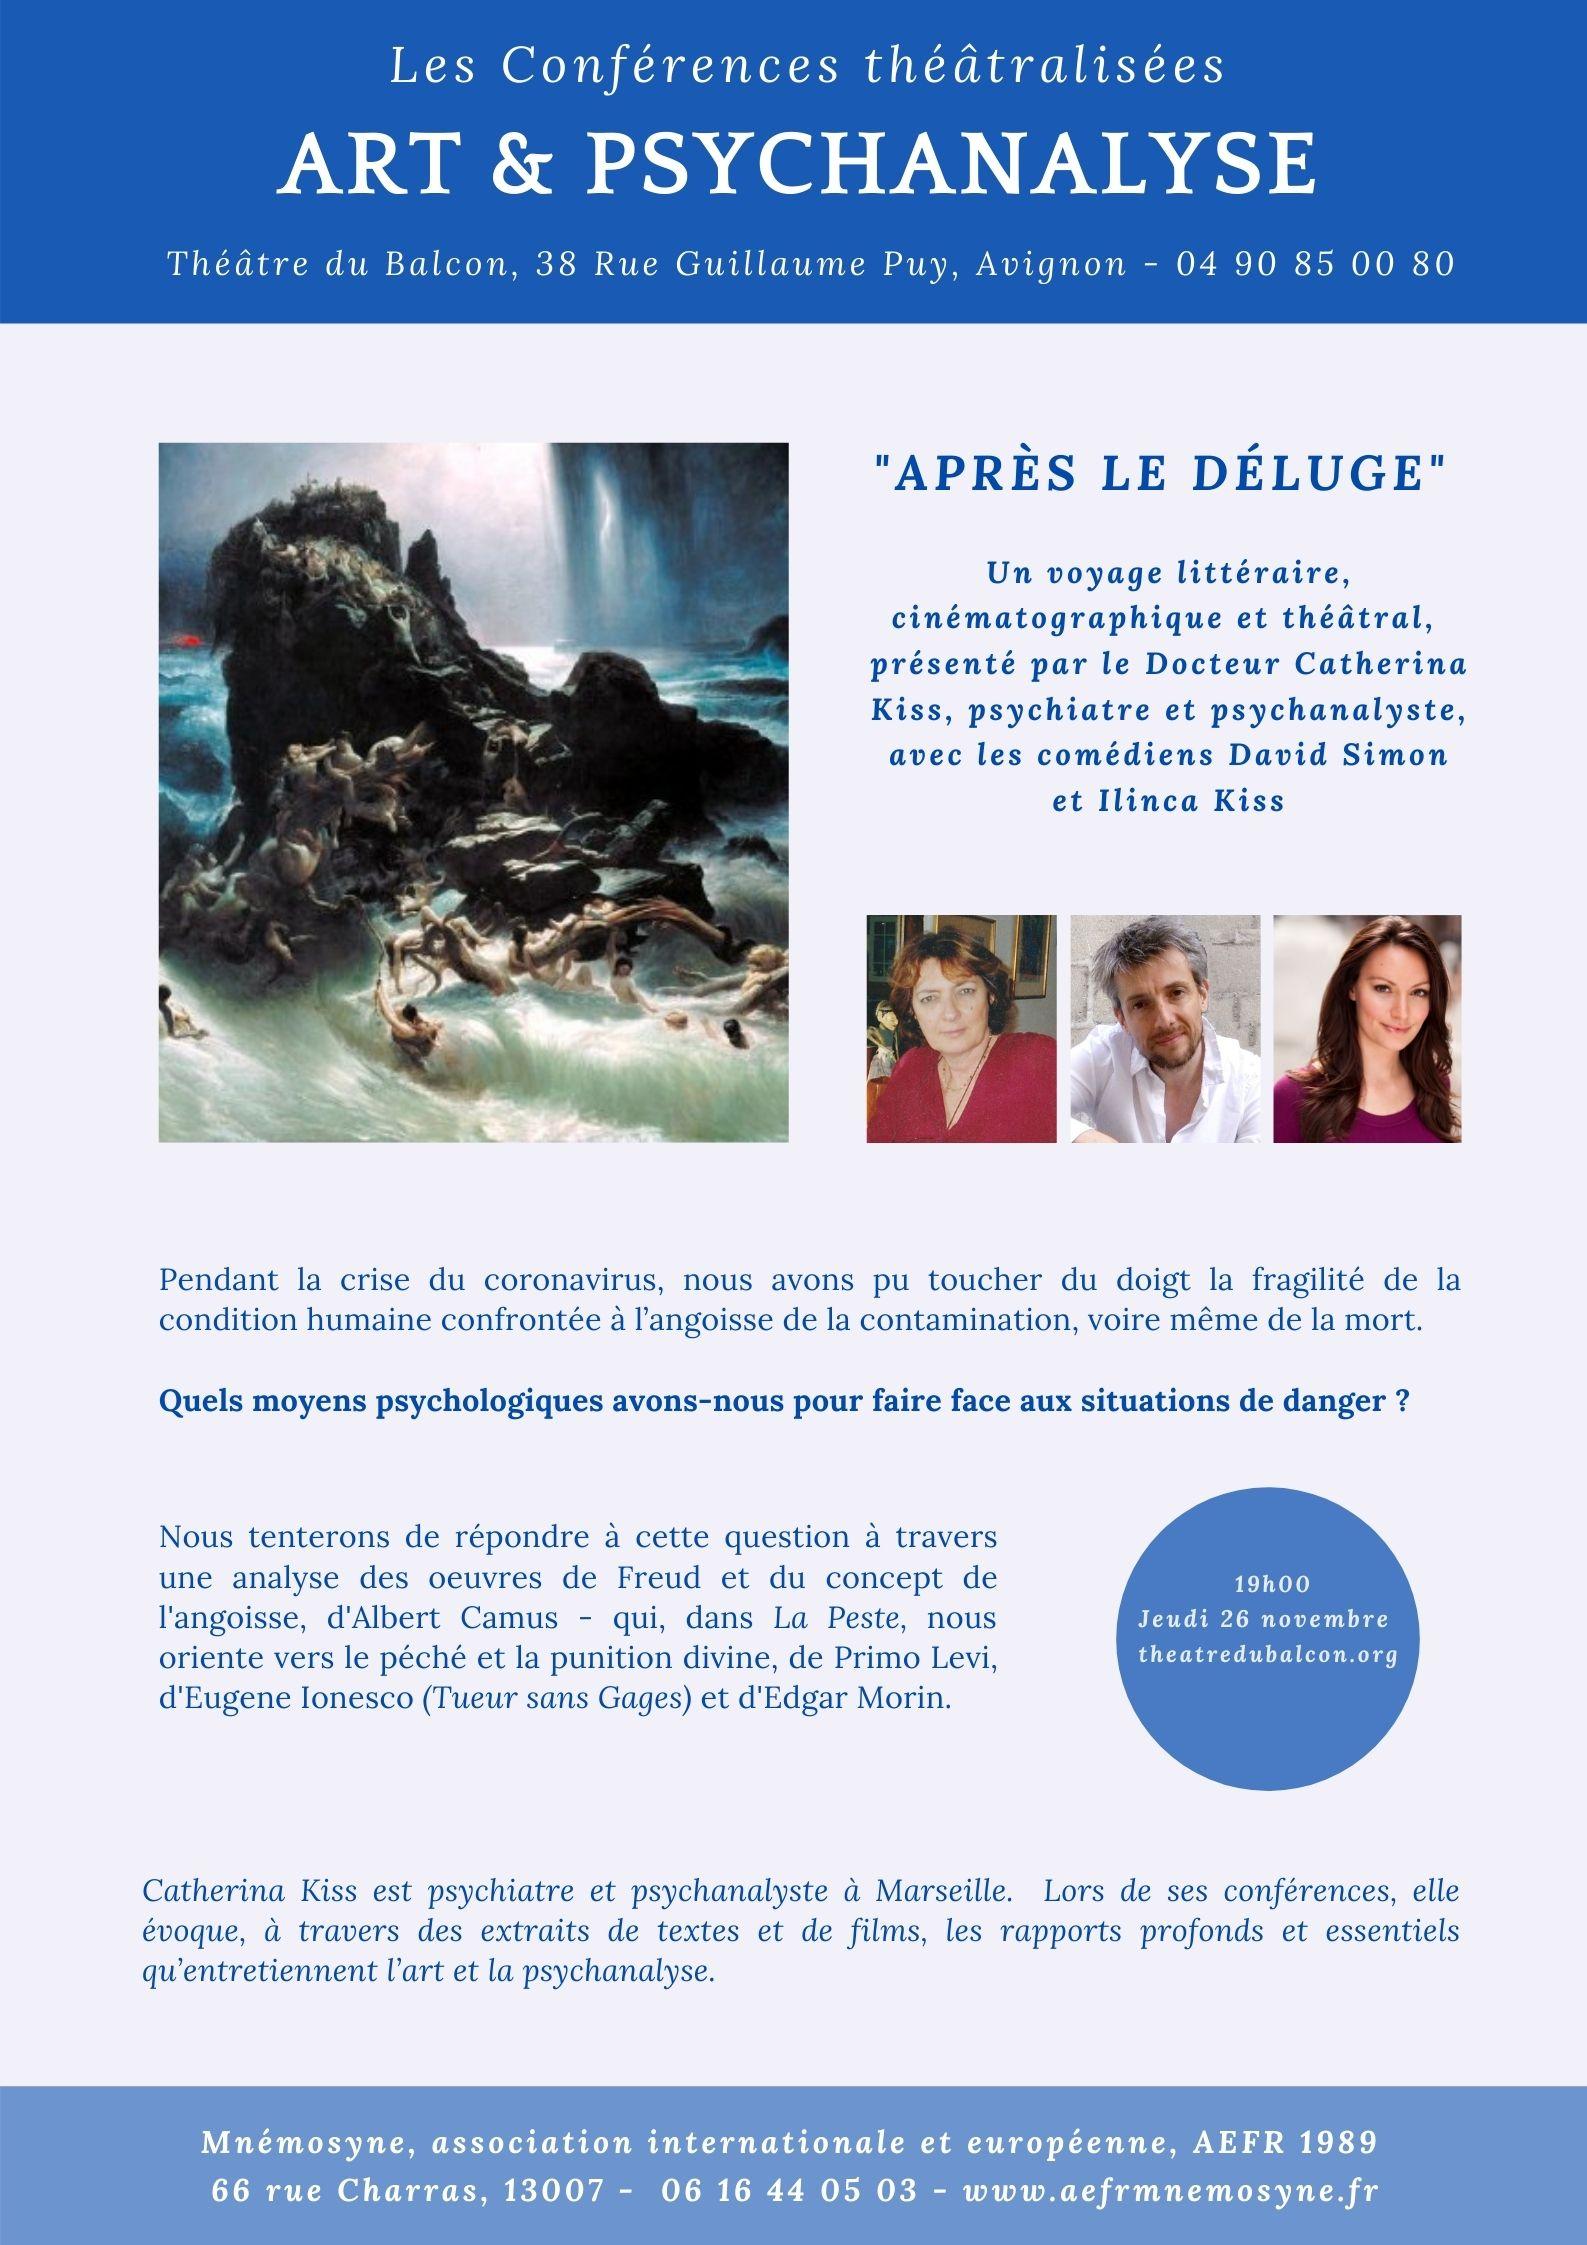 APRES LE DELUGE_Avignon_2020-11-26